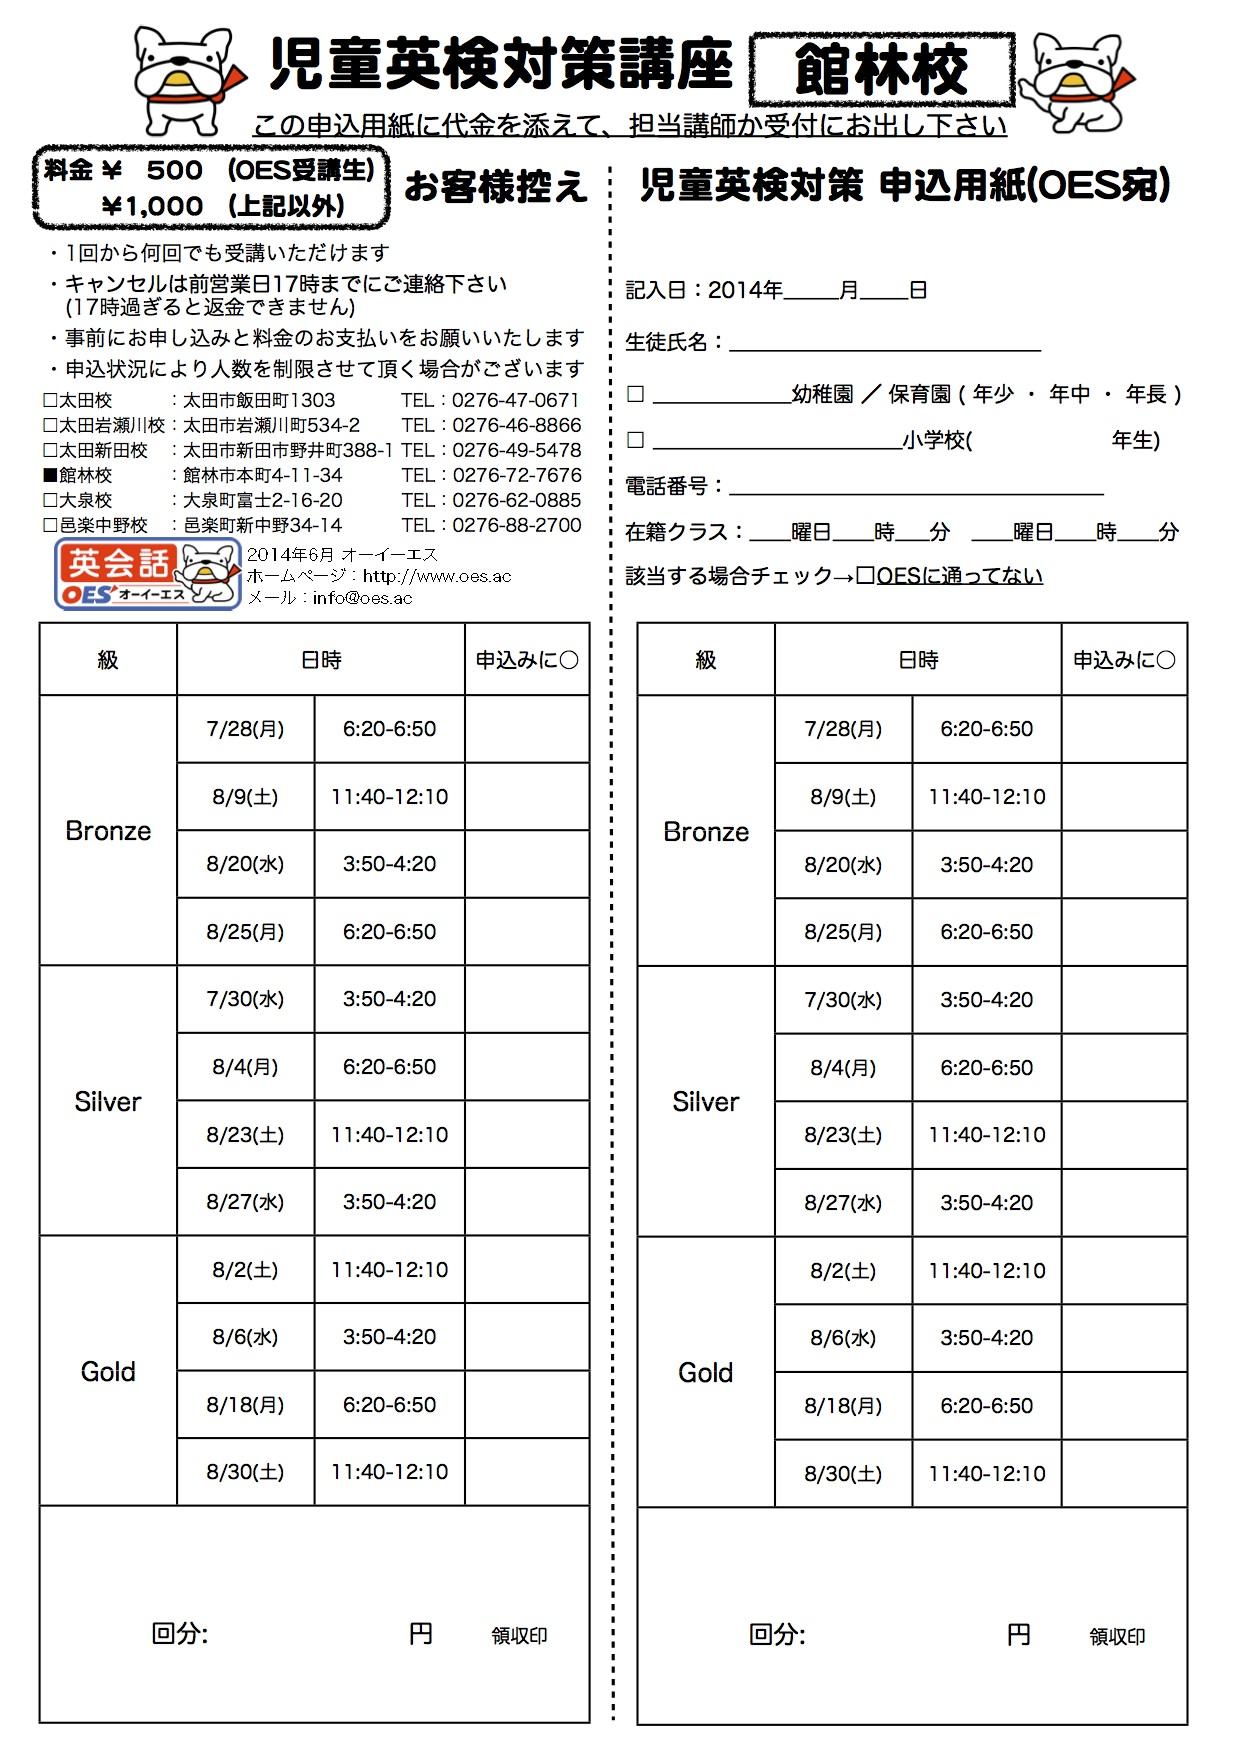 申込用紙 2014-2 館林校 8月分